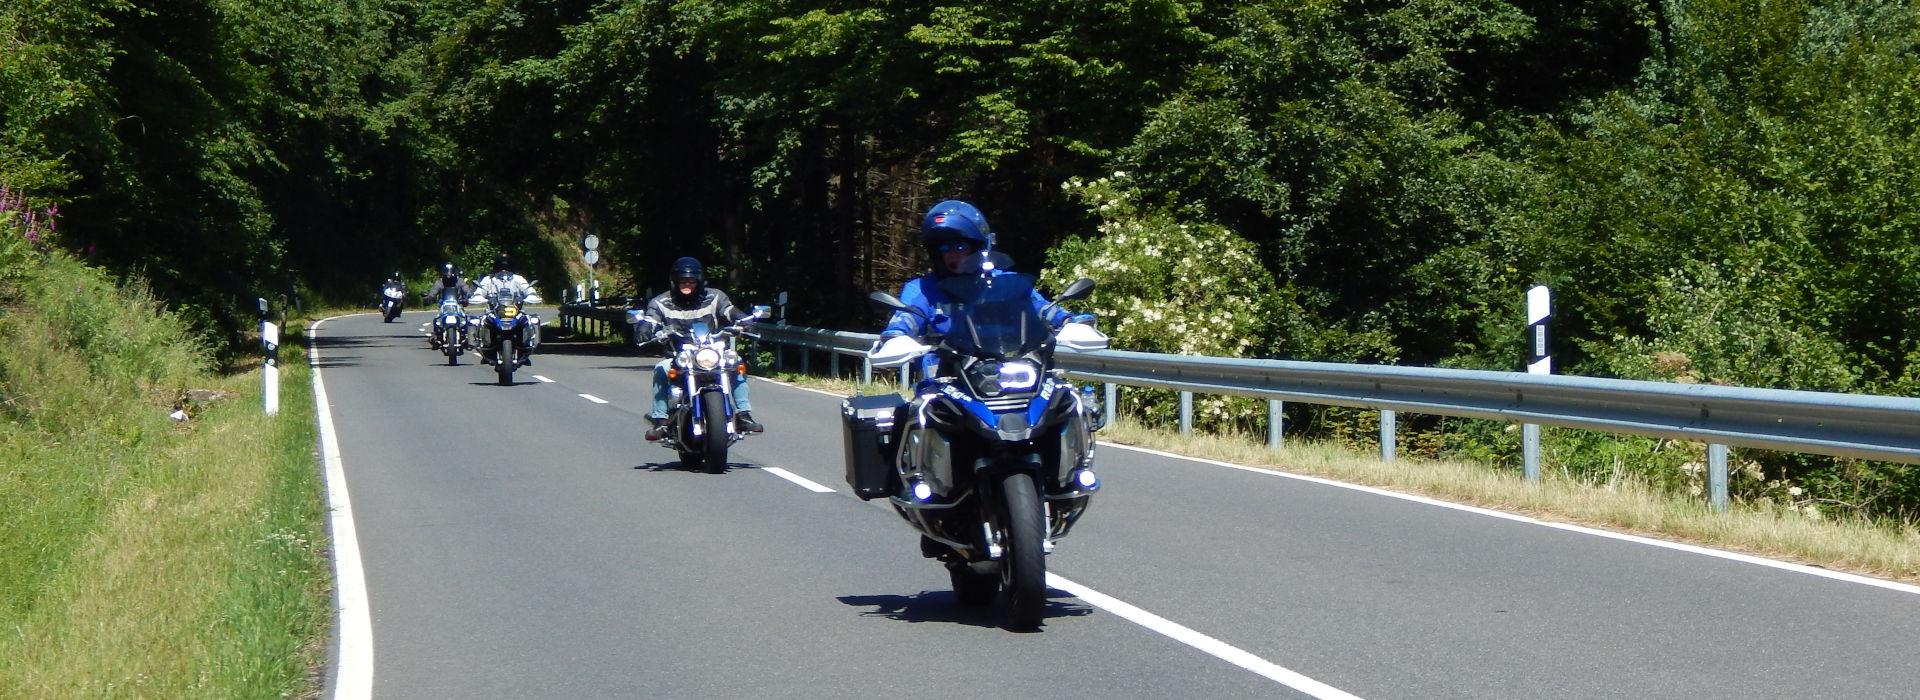 Motorrijbewijspoint Epe snel motorrijbewijs halen